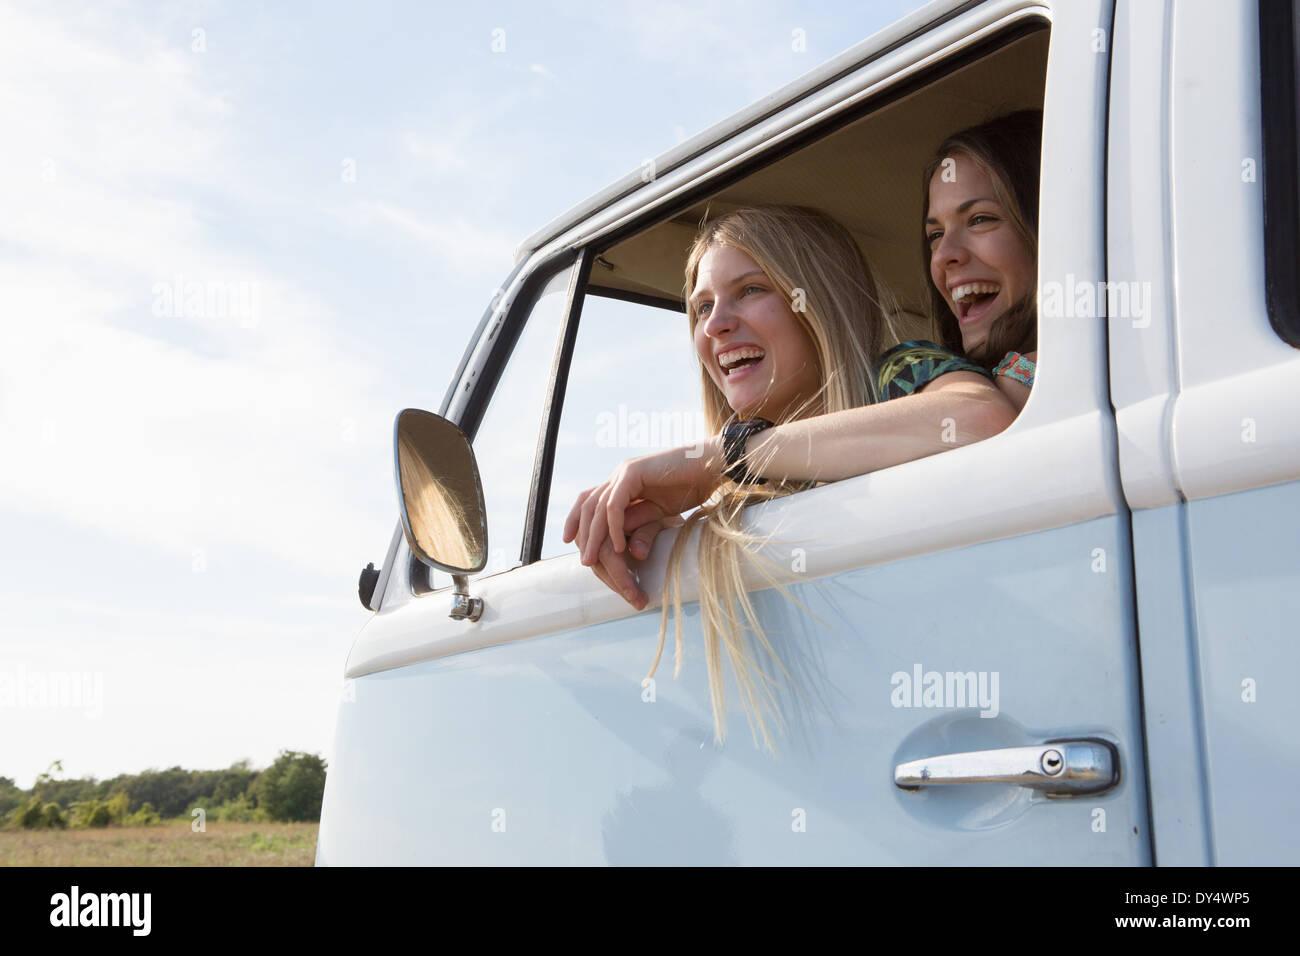 Junge Frauen aus Wohnmobil Fenster lachen Stockbild